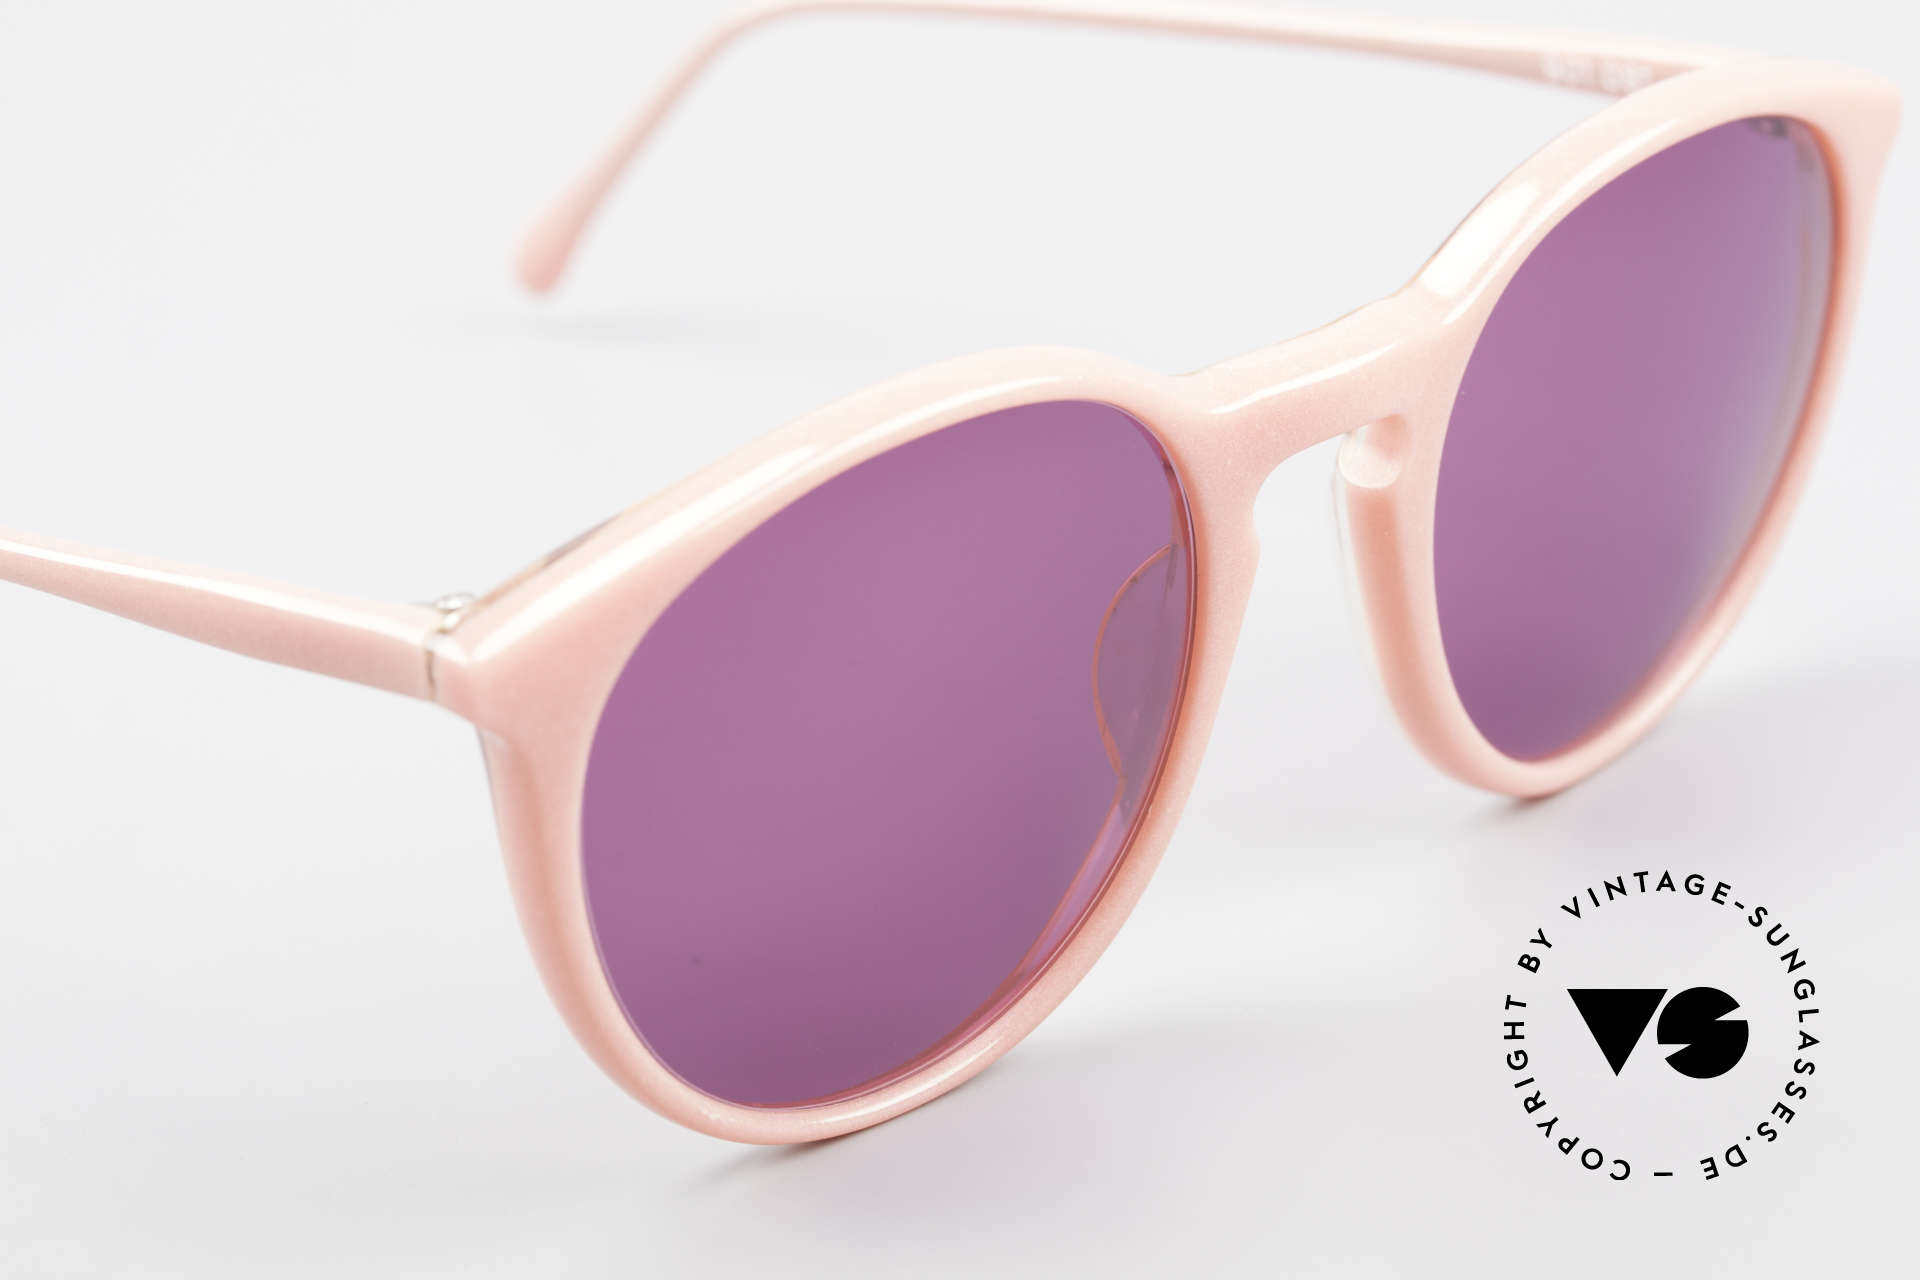 Alain Mikli 901 / 081 Panto Sonnenbrille Lila Pink, ungetragen (wie alle unsere 1980er vintage Brillen), Passend für Damen